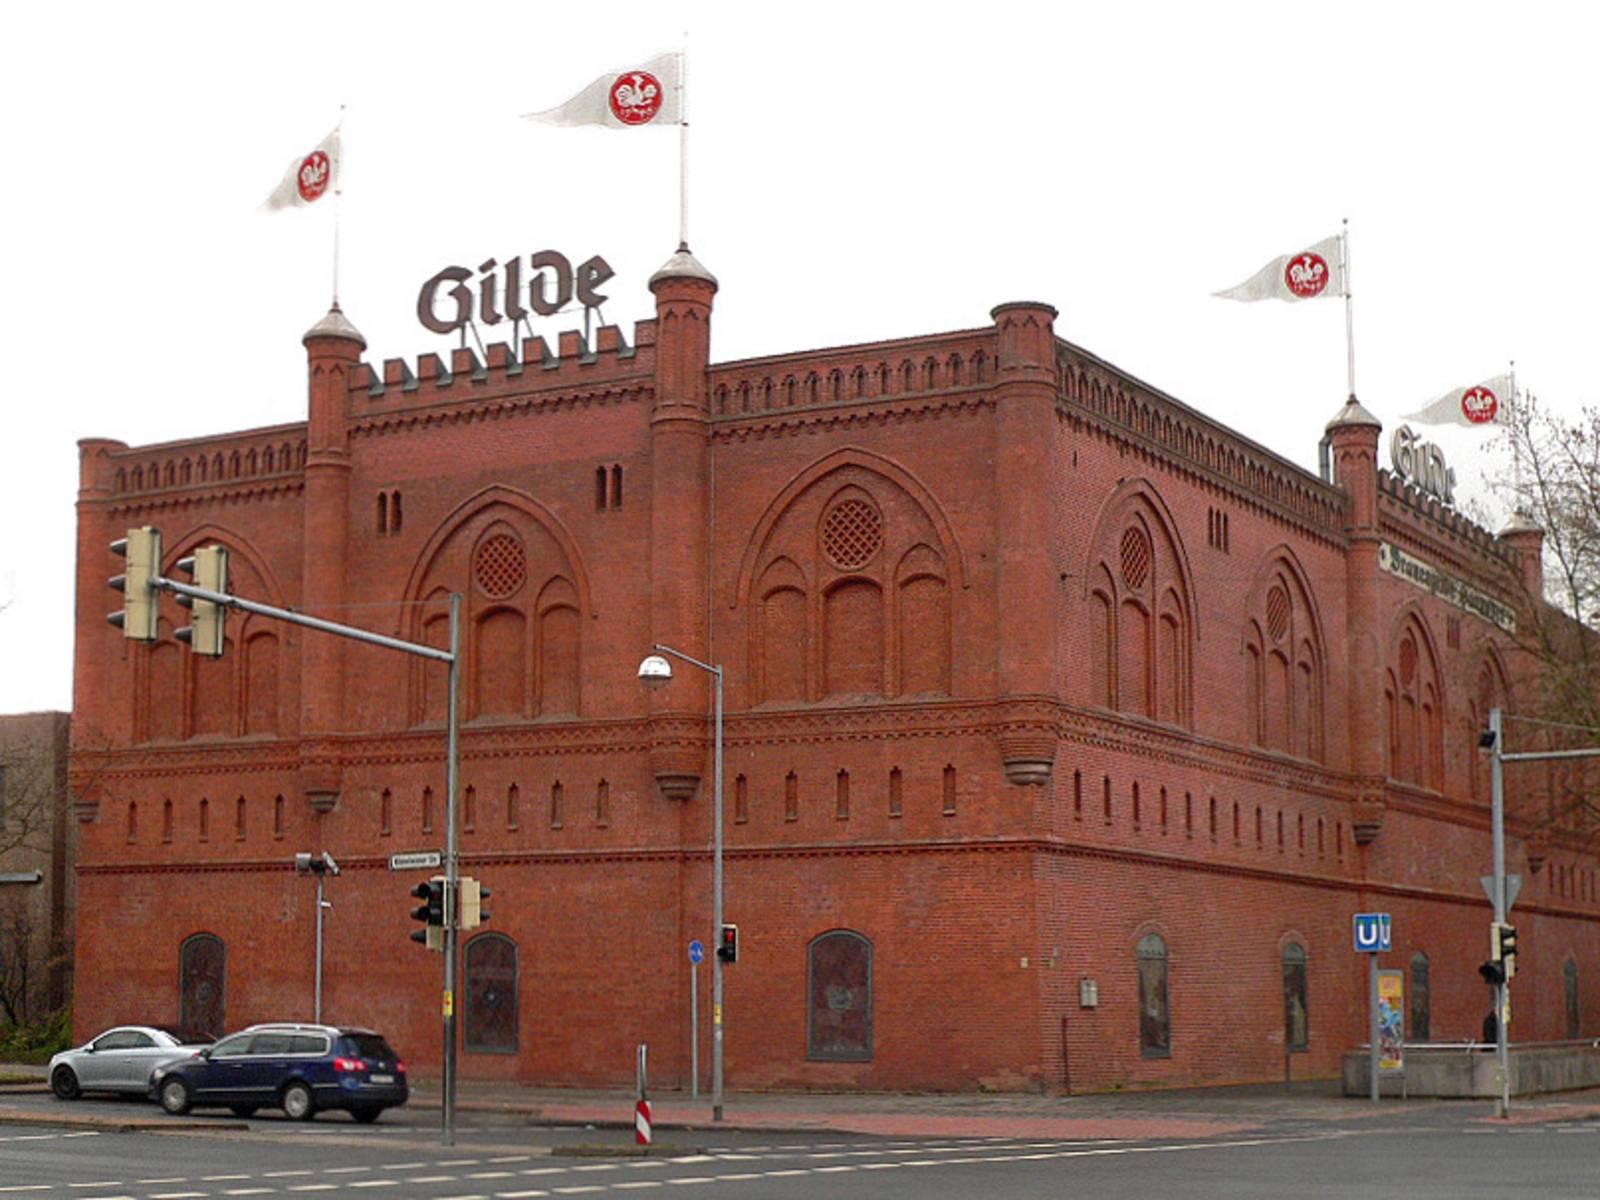 Das rote Backsteinhaus der Gilde-Brauerei